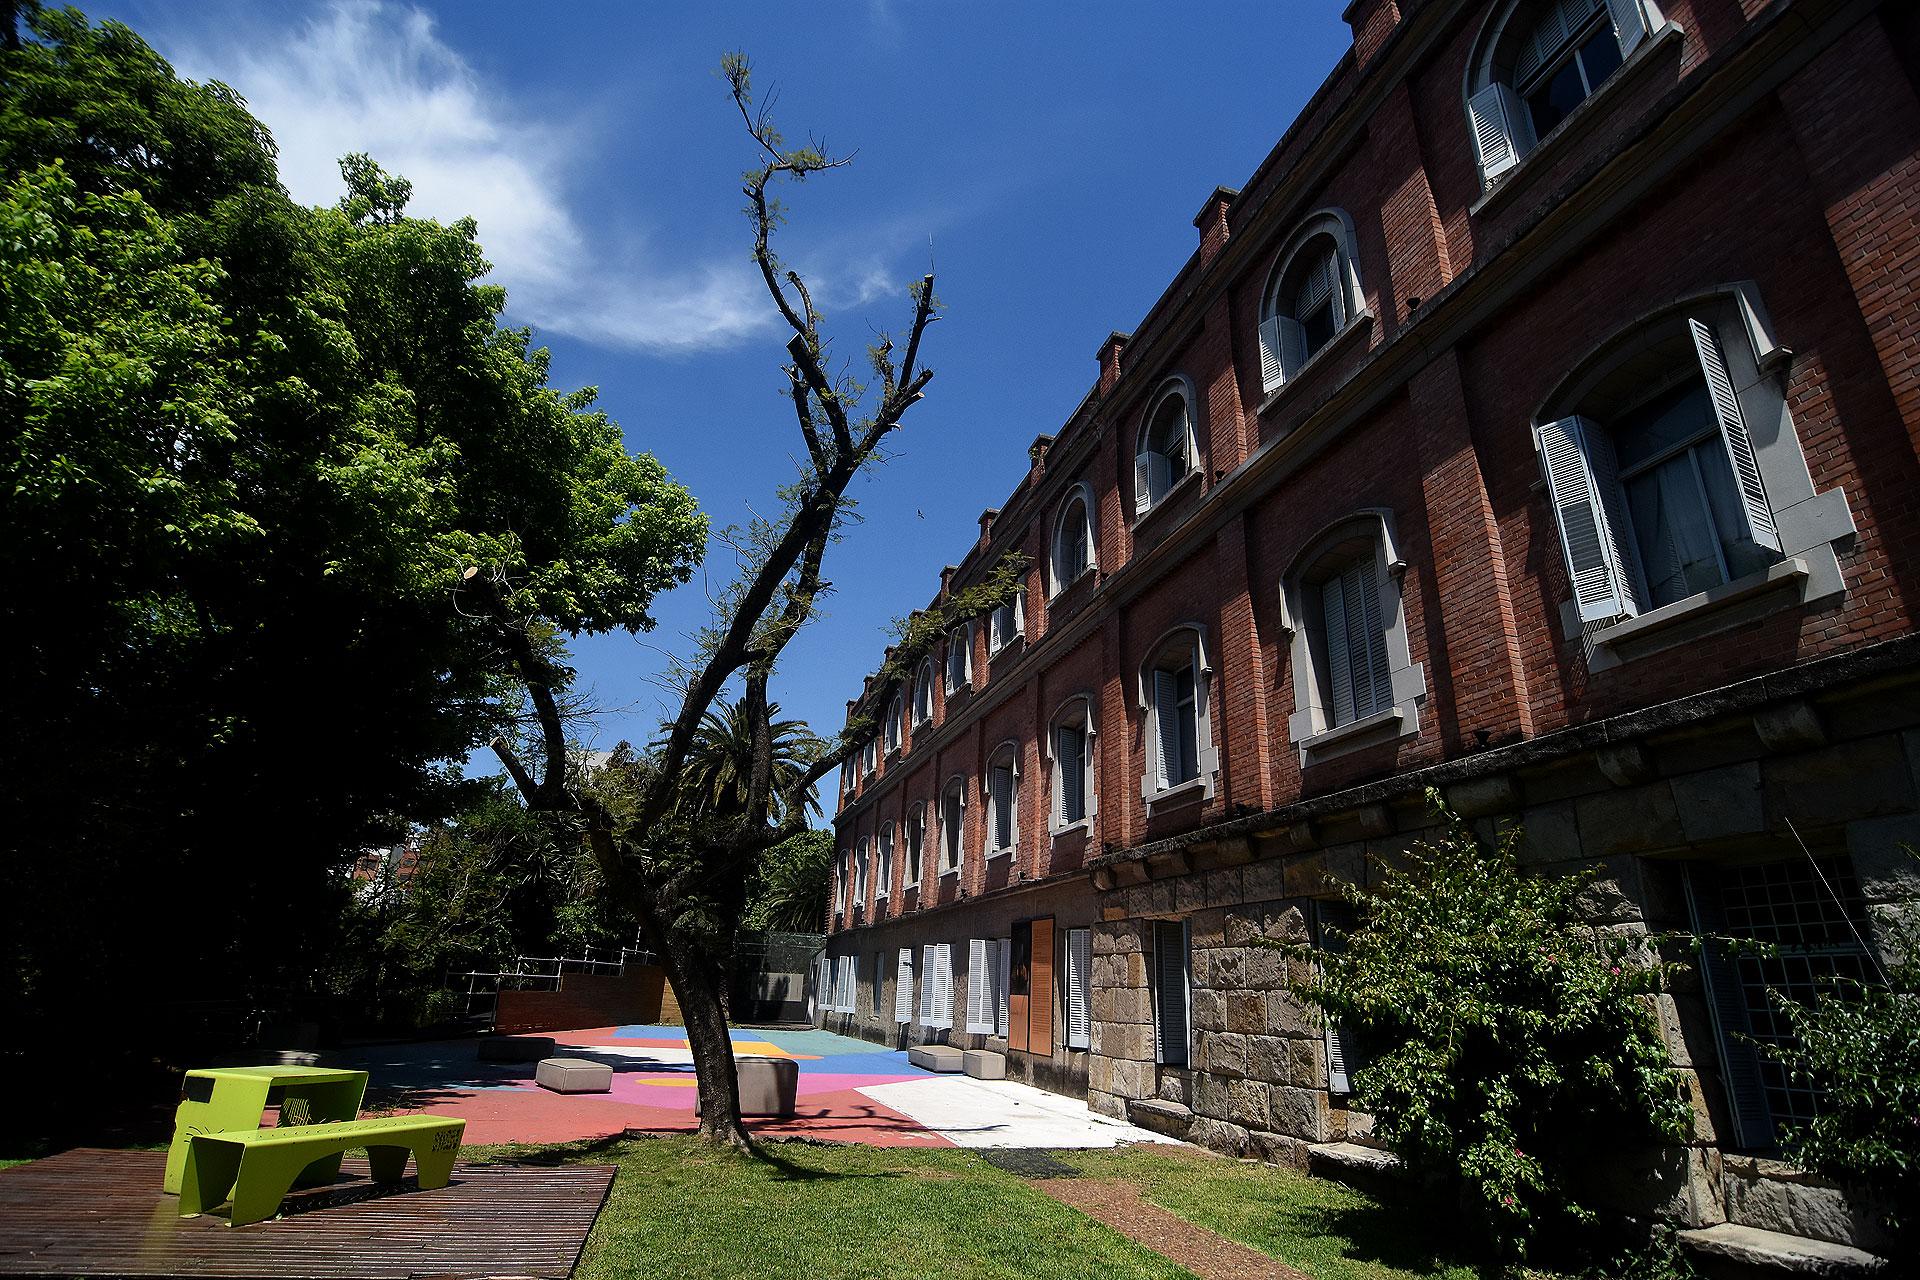 LA ABADÍA, CENTRO DE ARTE Y ESTUDIOS LATINOAMERICANOS. Es una iniciativa impulsada por la Familia Sodálite en el antiguo Monasterio de San Benito.